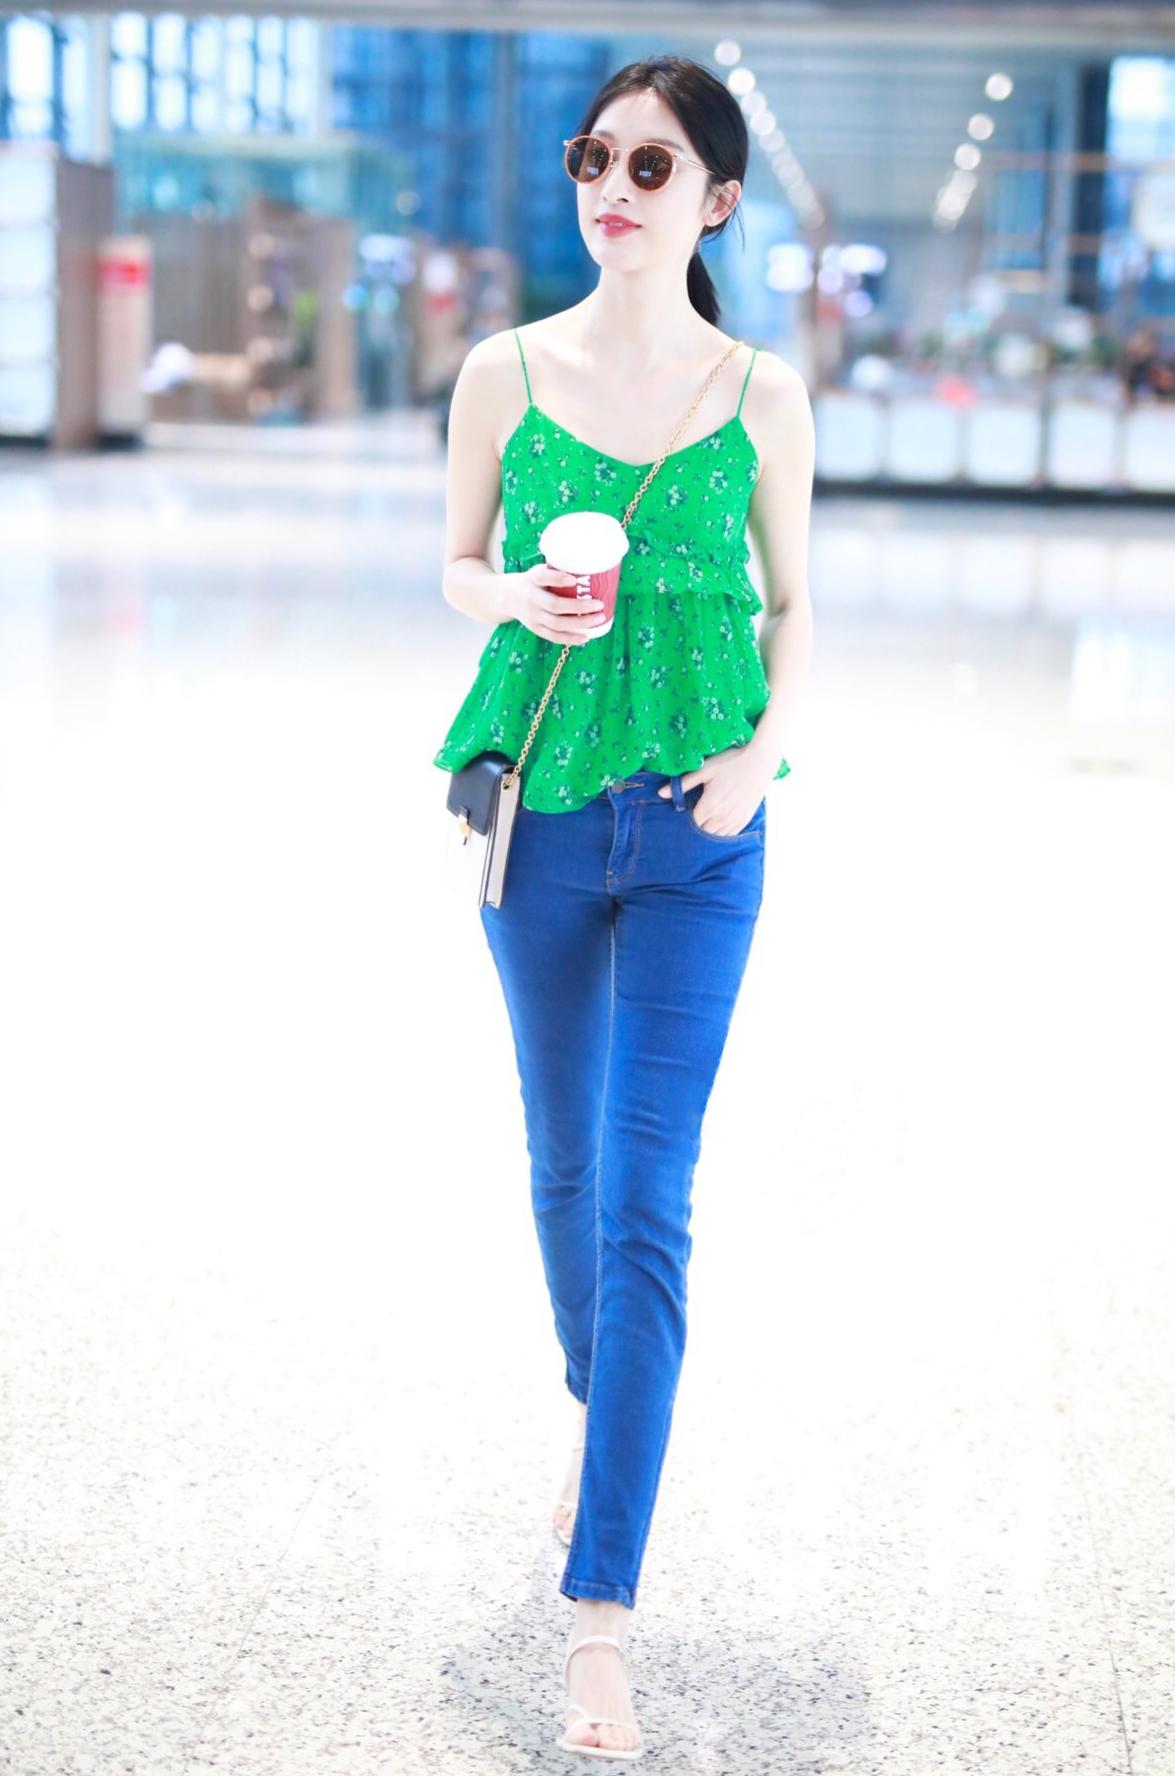 张俪终于低调一回,穿两百块牛仔裤走机场,搭碎花背心清凉又时髦